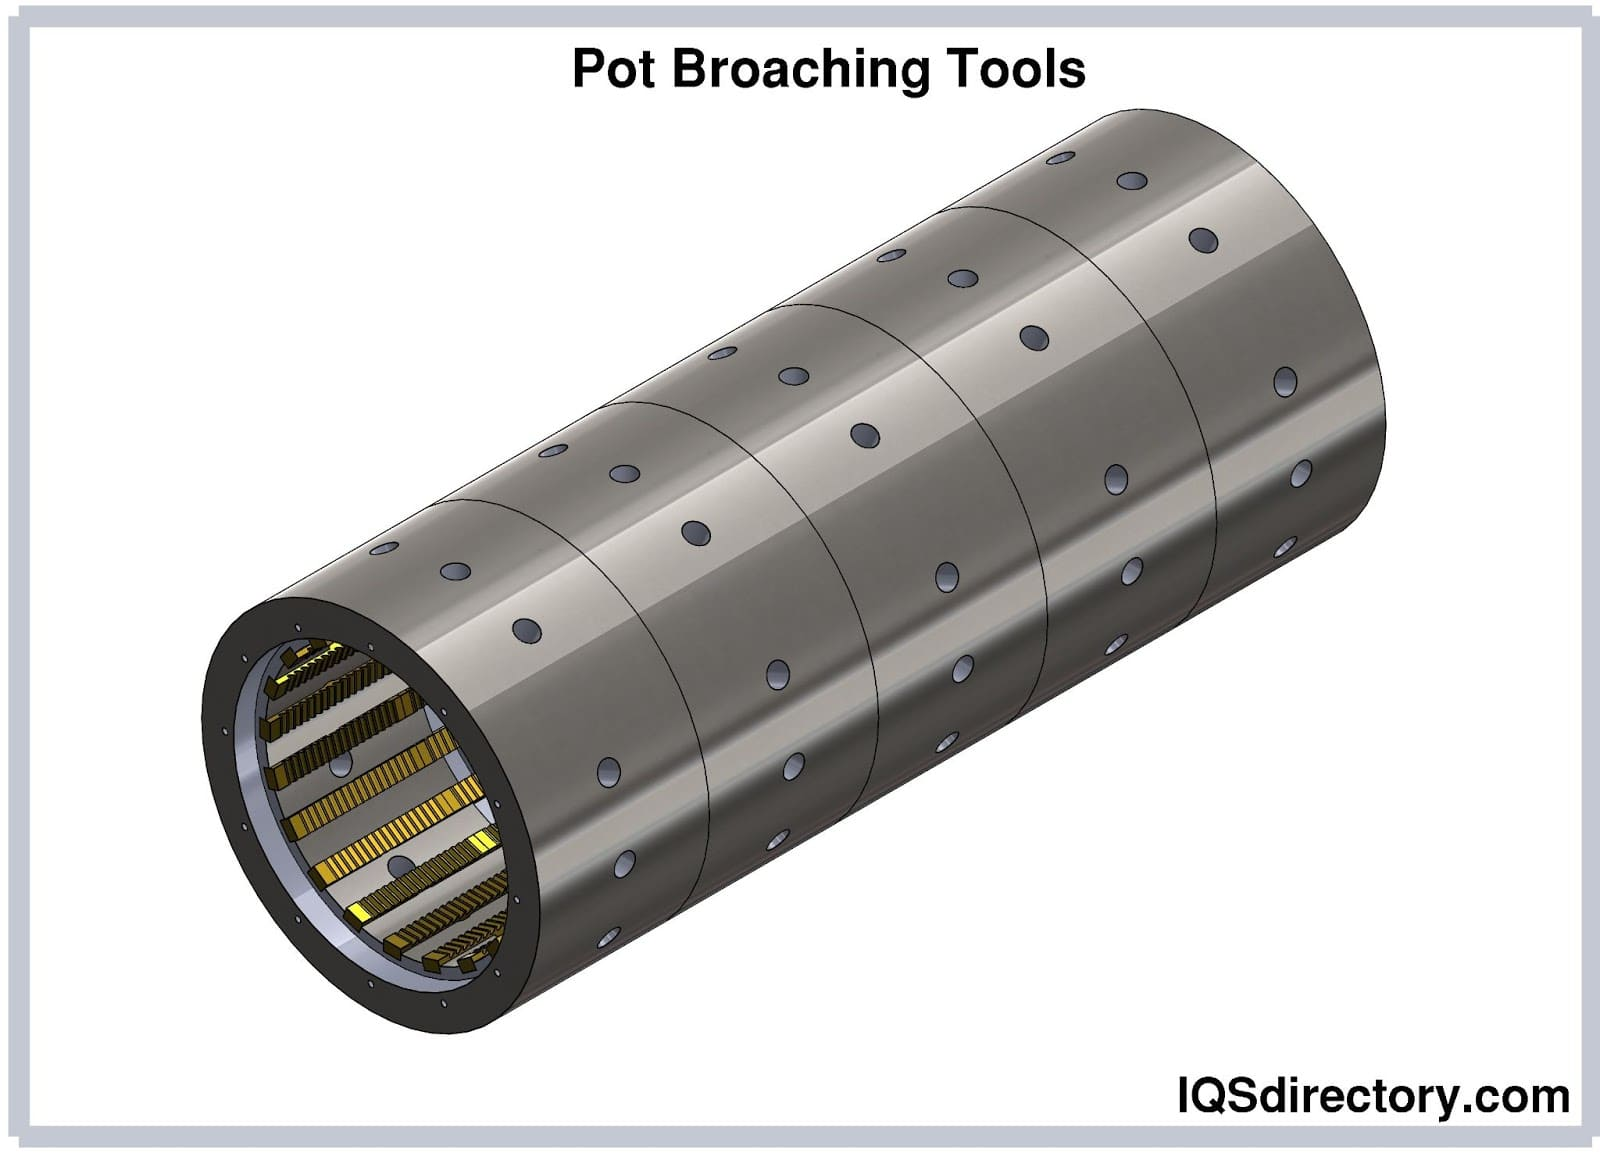 Pot Broaching Tools